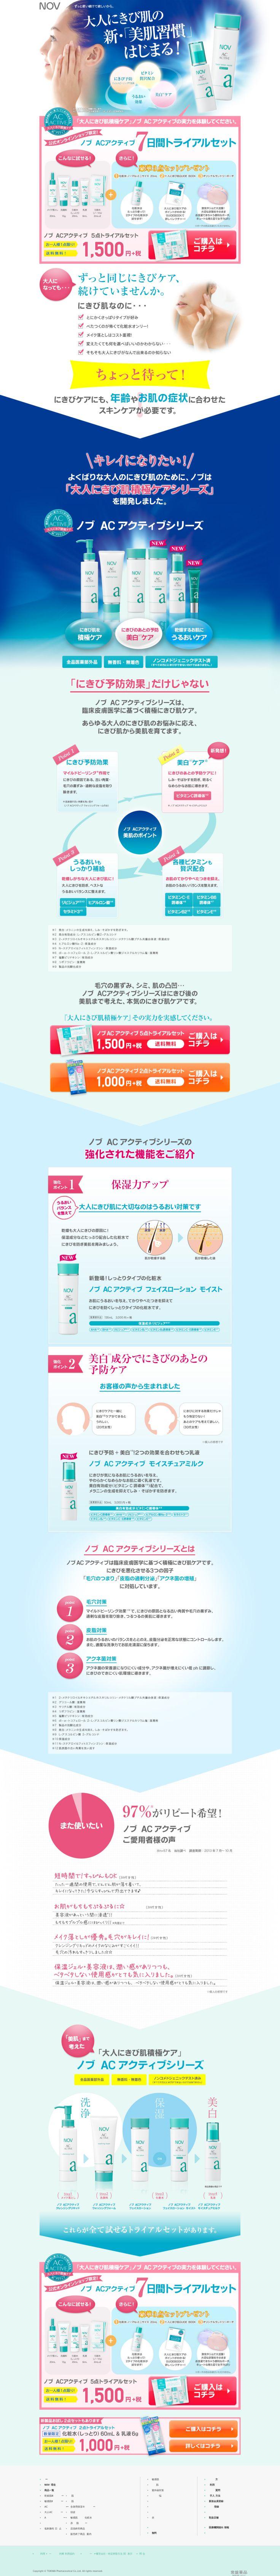 http://www.nov.jp/shop/lp/novacactive_0714.aspx